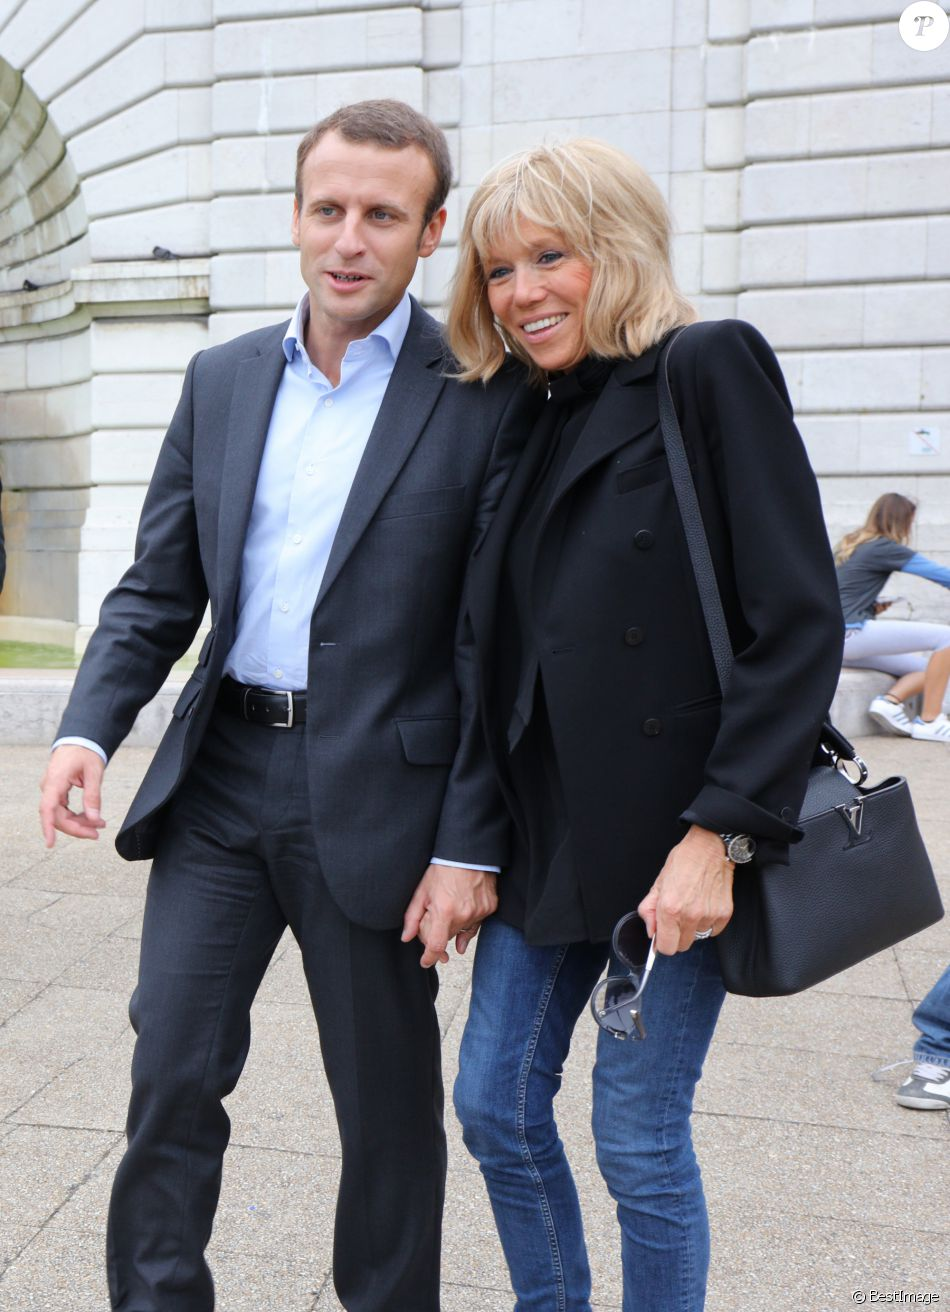 Emmanuel Macron et sa femme Brigitte, l'amour n'a pas d'âge (18 photos)